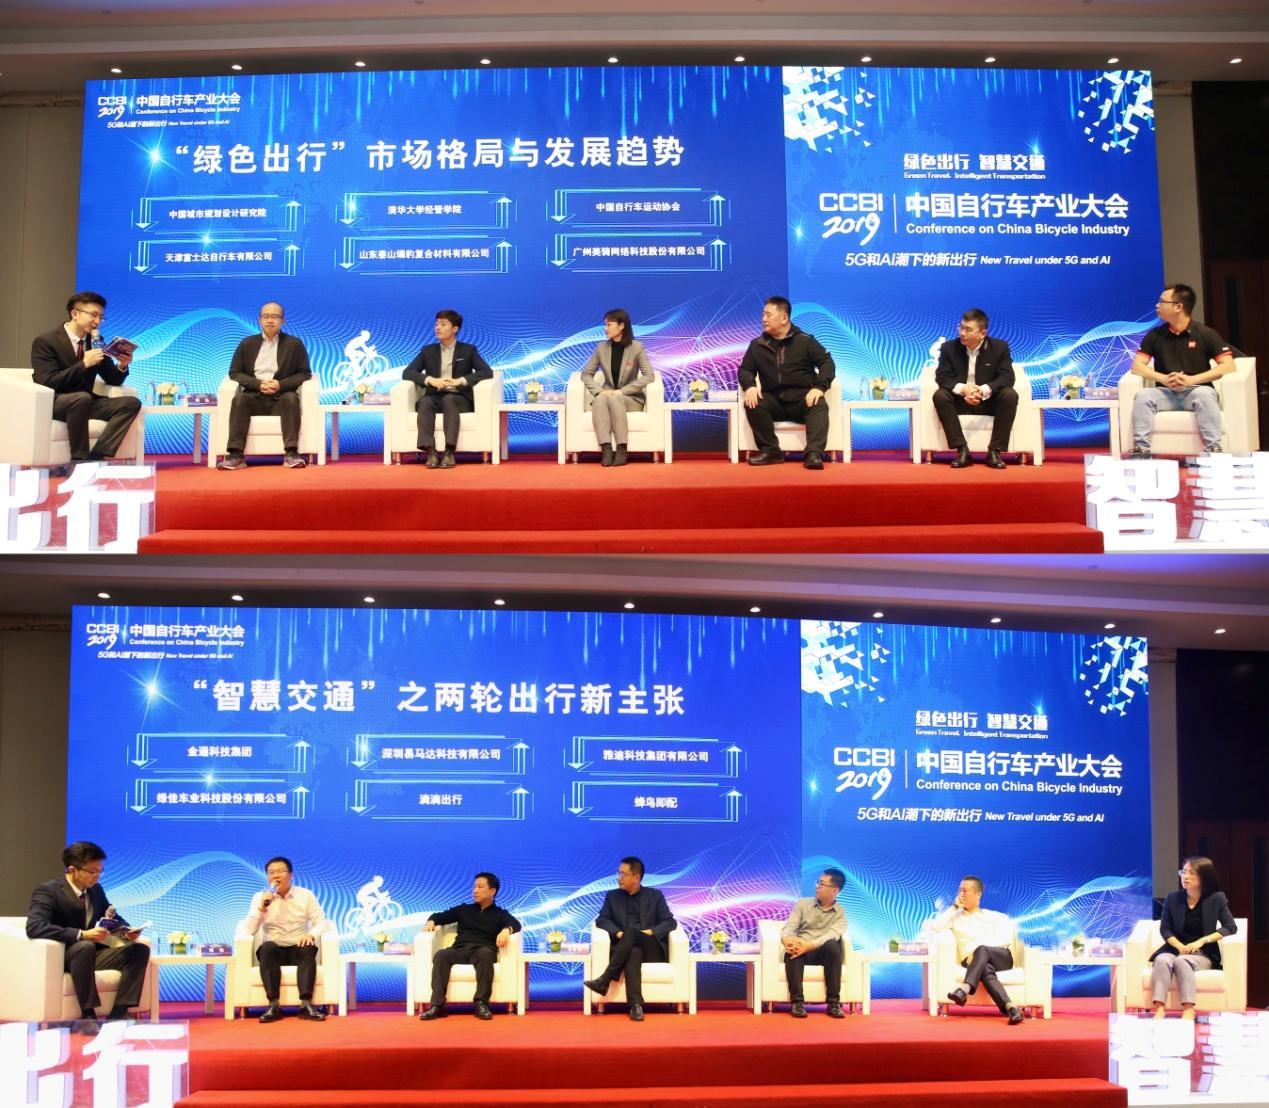 2019中国自行车产业大会专题论坛